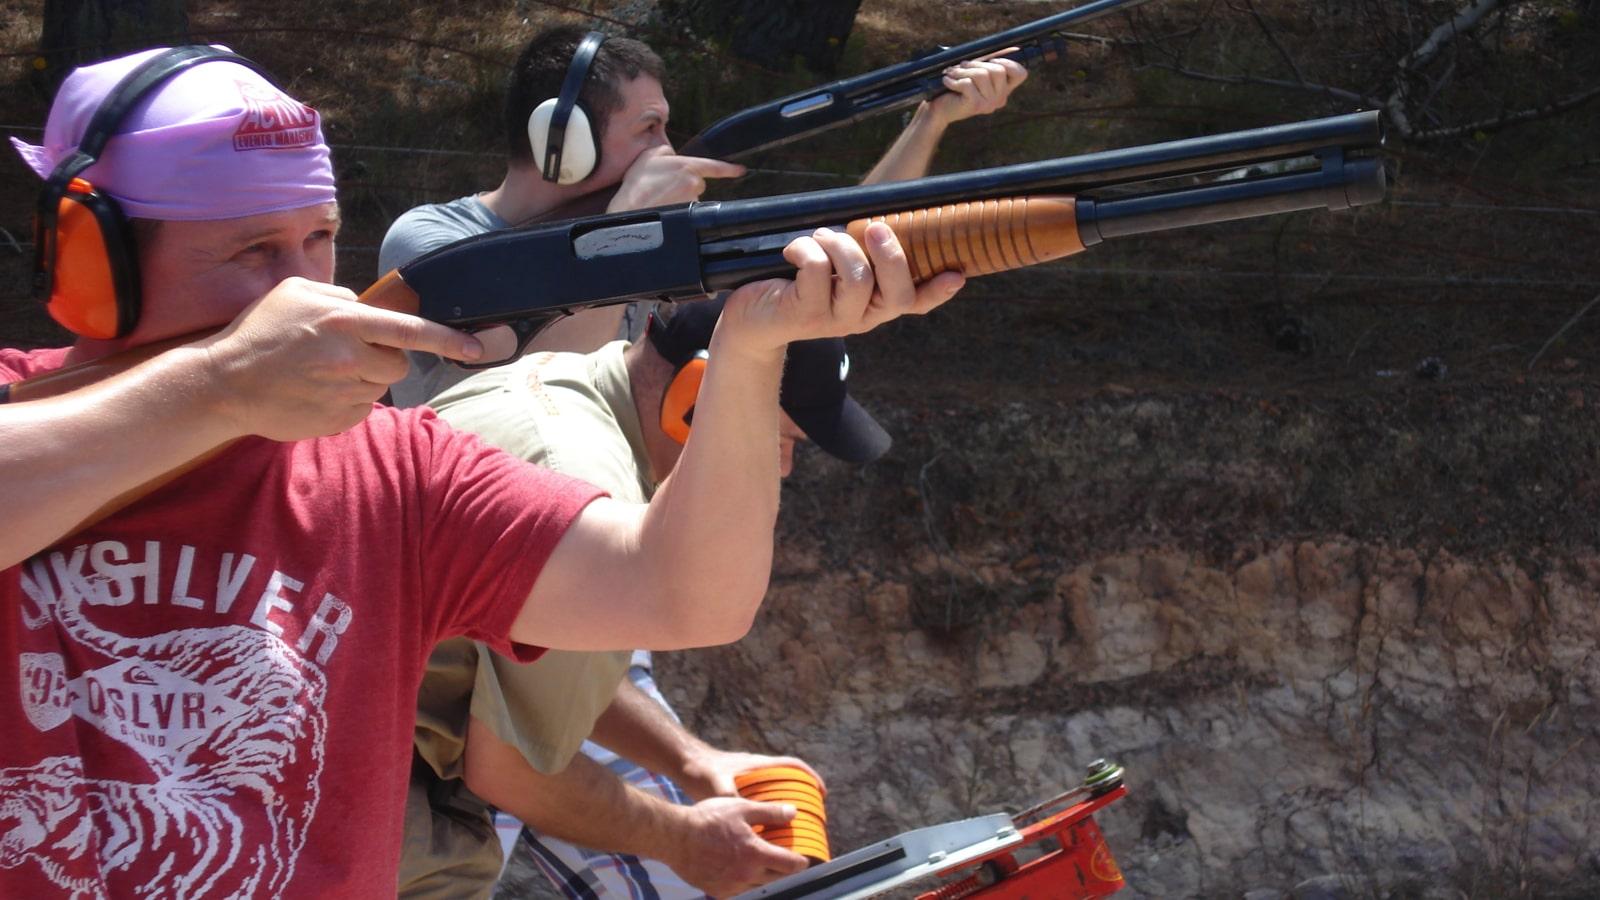 clay-pigeon-shooting-skeet-shooting